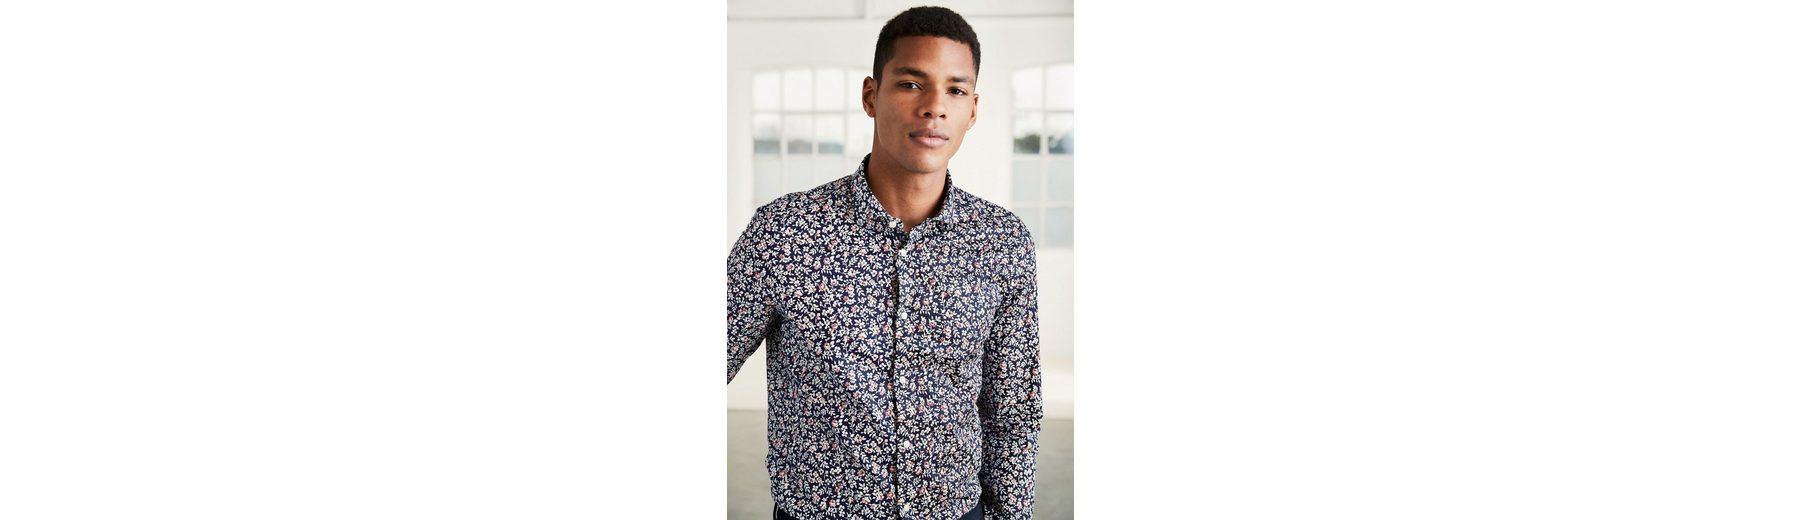 Günstige Online 2018 Zum Verkauf Next Slim-Fit Hemd mit floralem Print Angebote vhnbptKbAK